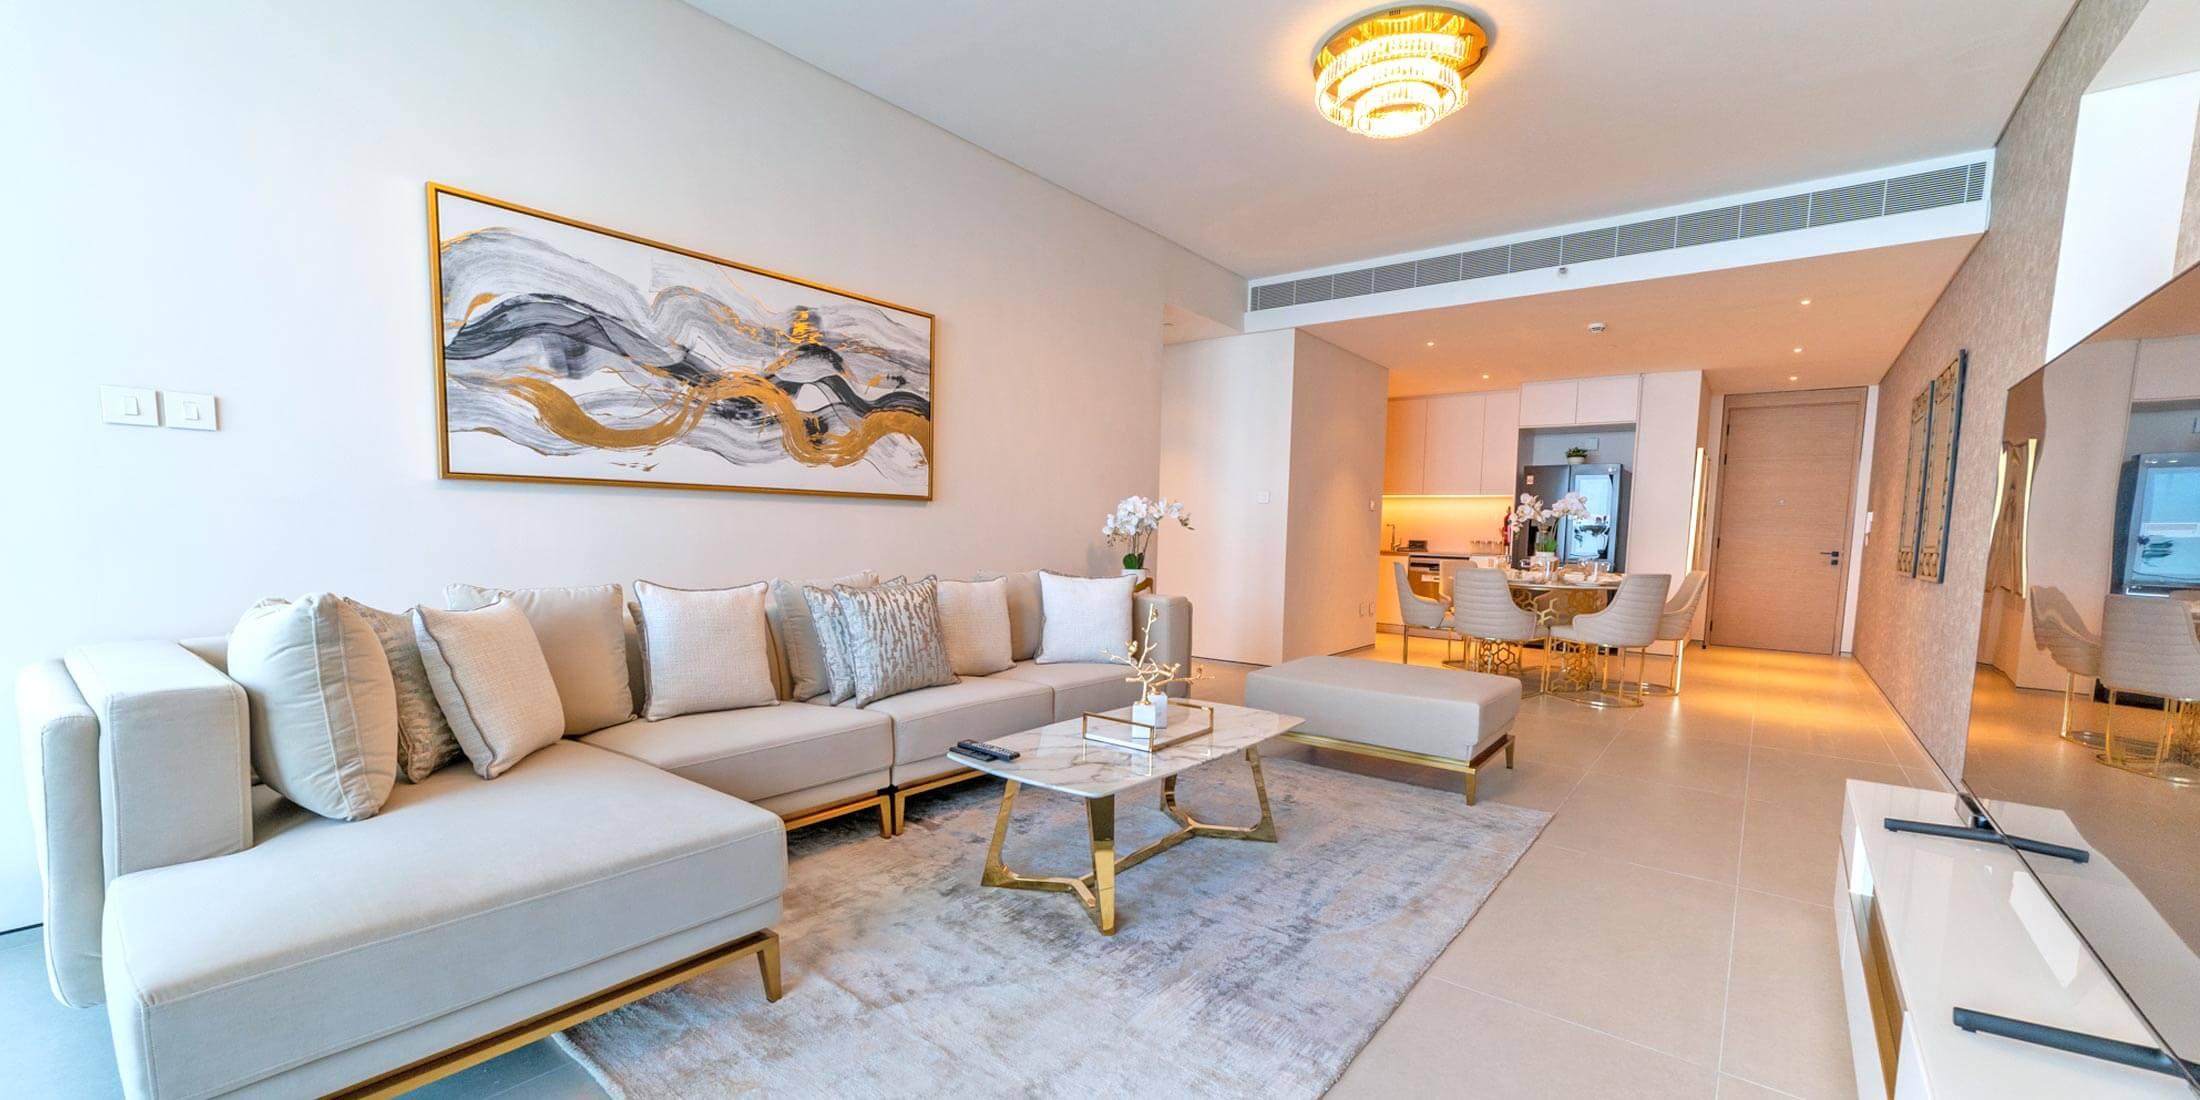 Vacation Homes in JBR Dubai